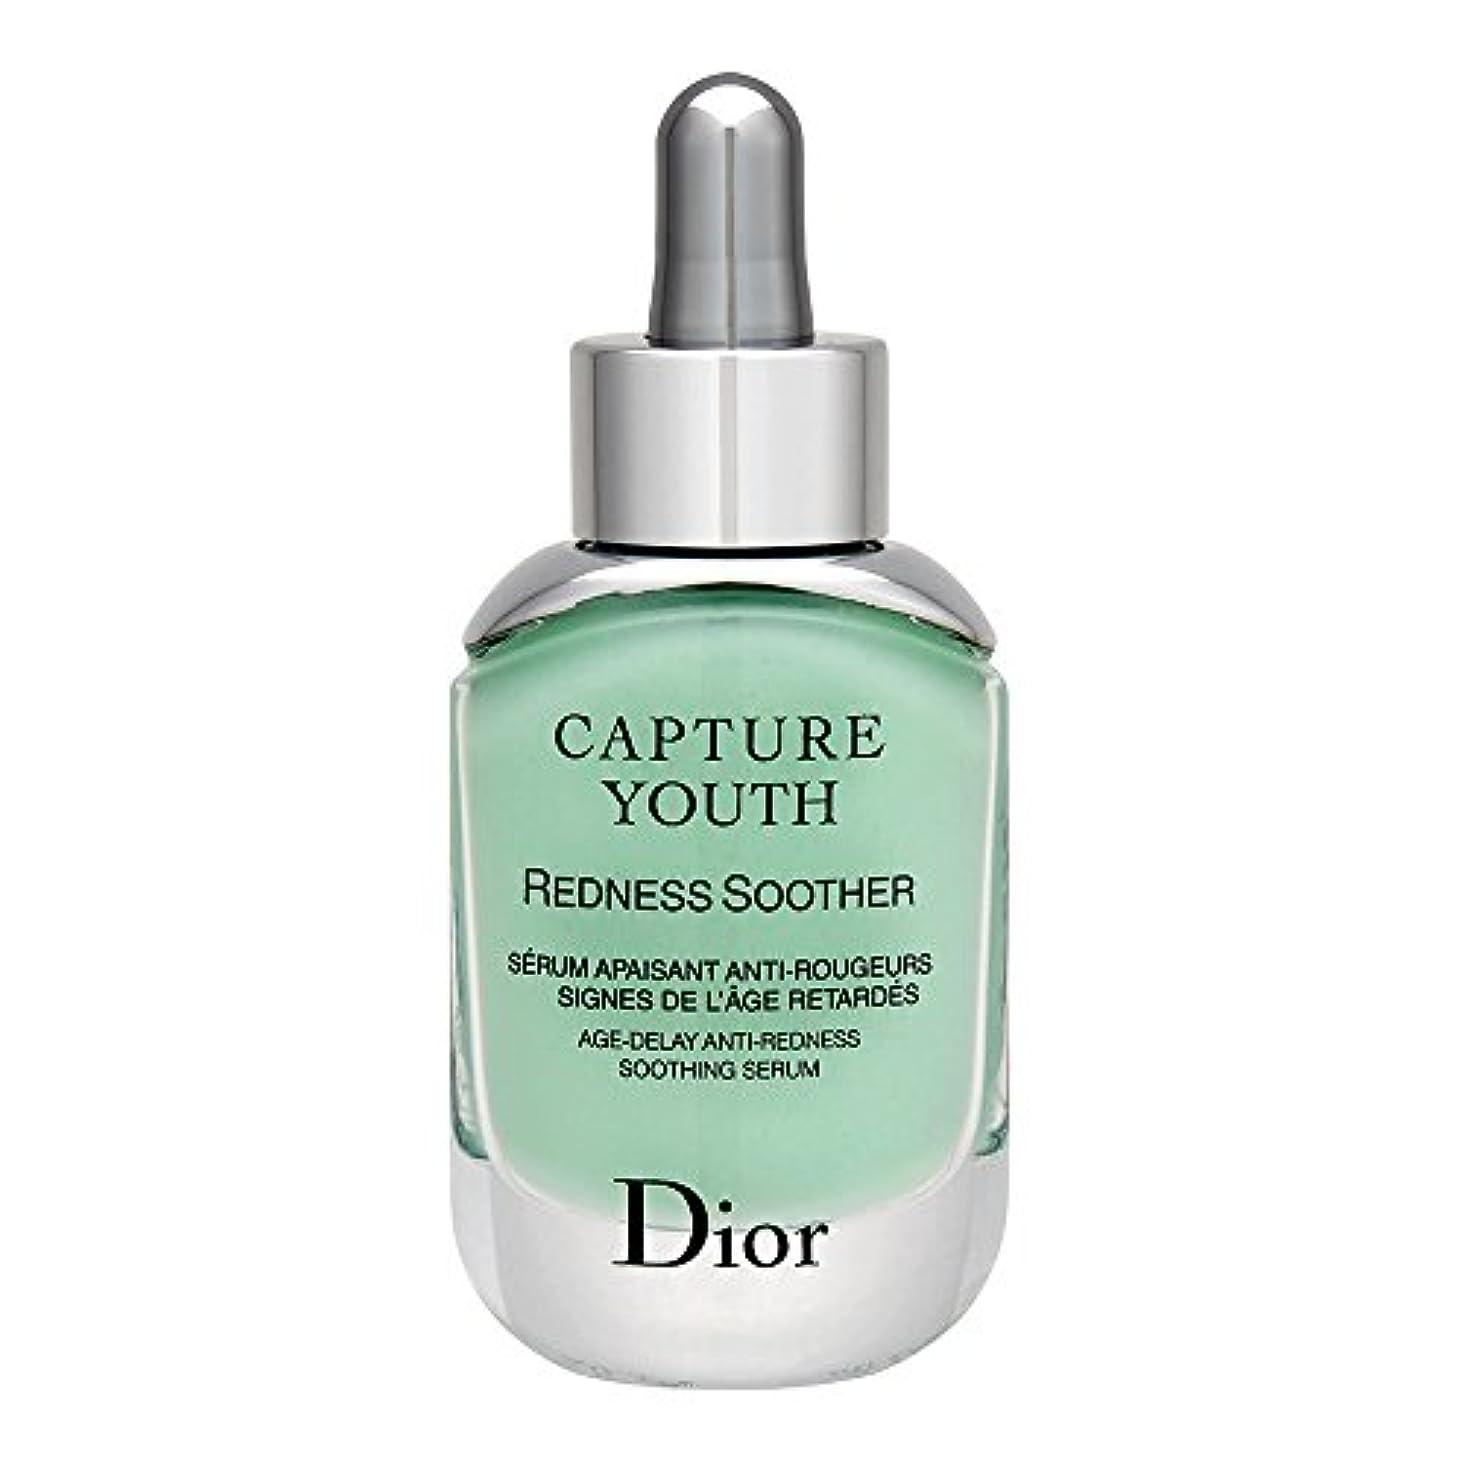 虚弱格差やるクリスチャンディオール Christian Dior カプチュール ユース レッドネス ミニマイザー 30mL [並行輸入品]